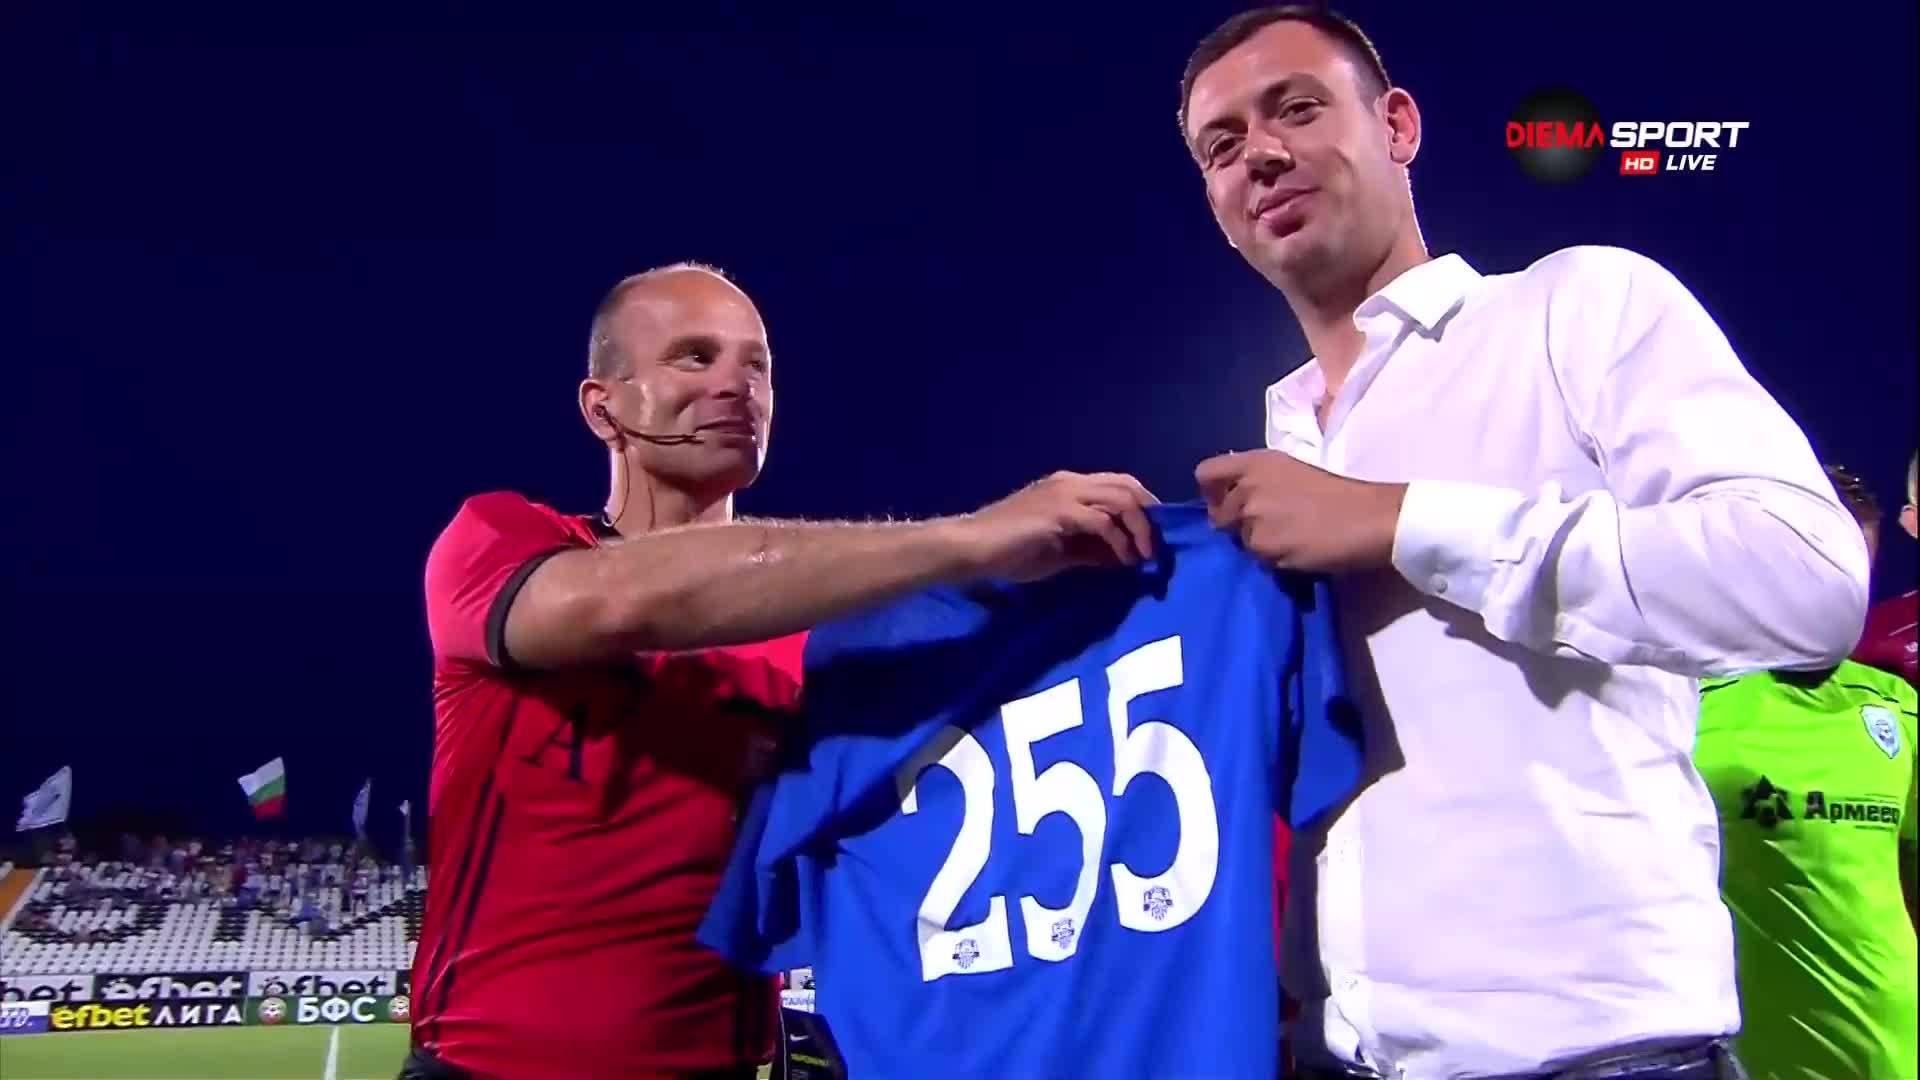 Наградиха рекордьорът Николай Йорданов